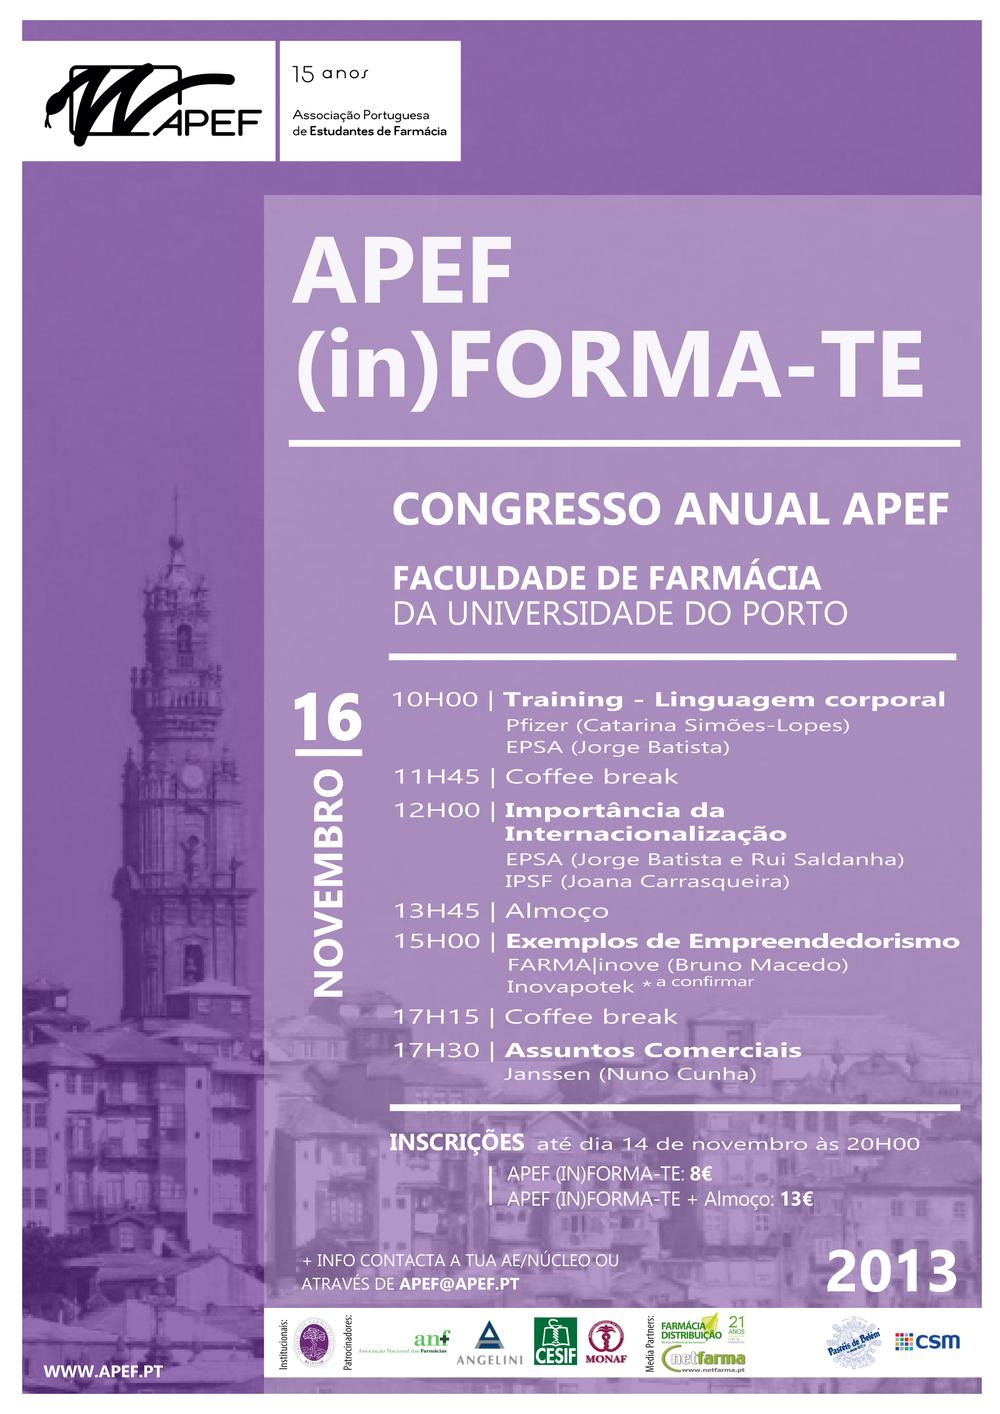 CAA - APEF (IN)FORMA-TE 2.jpg